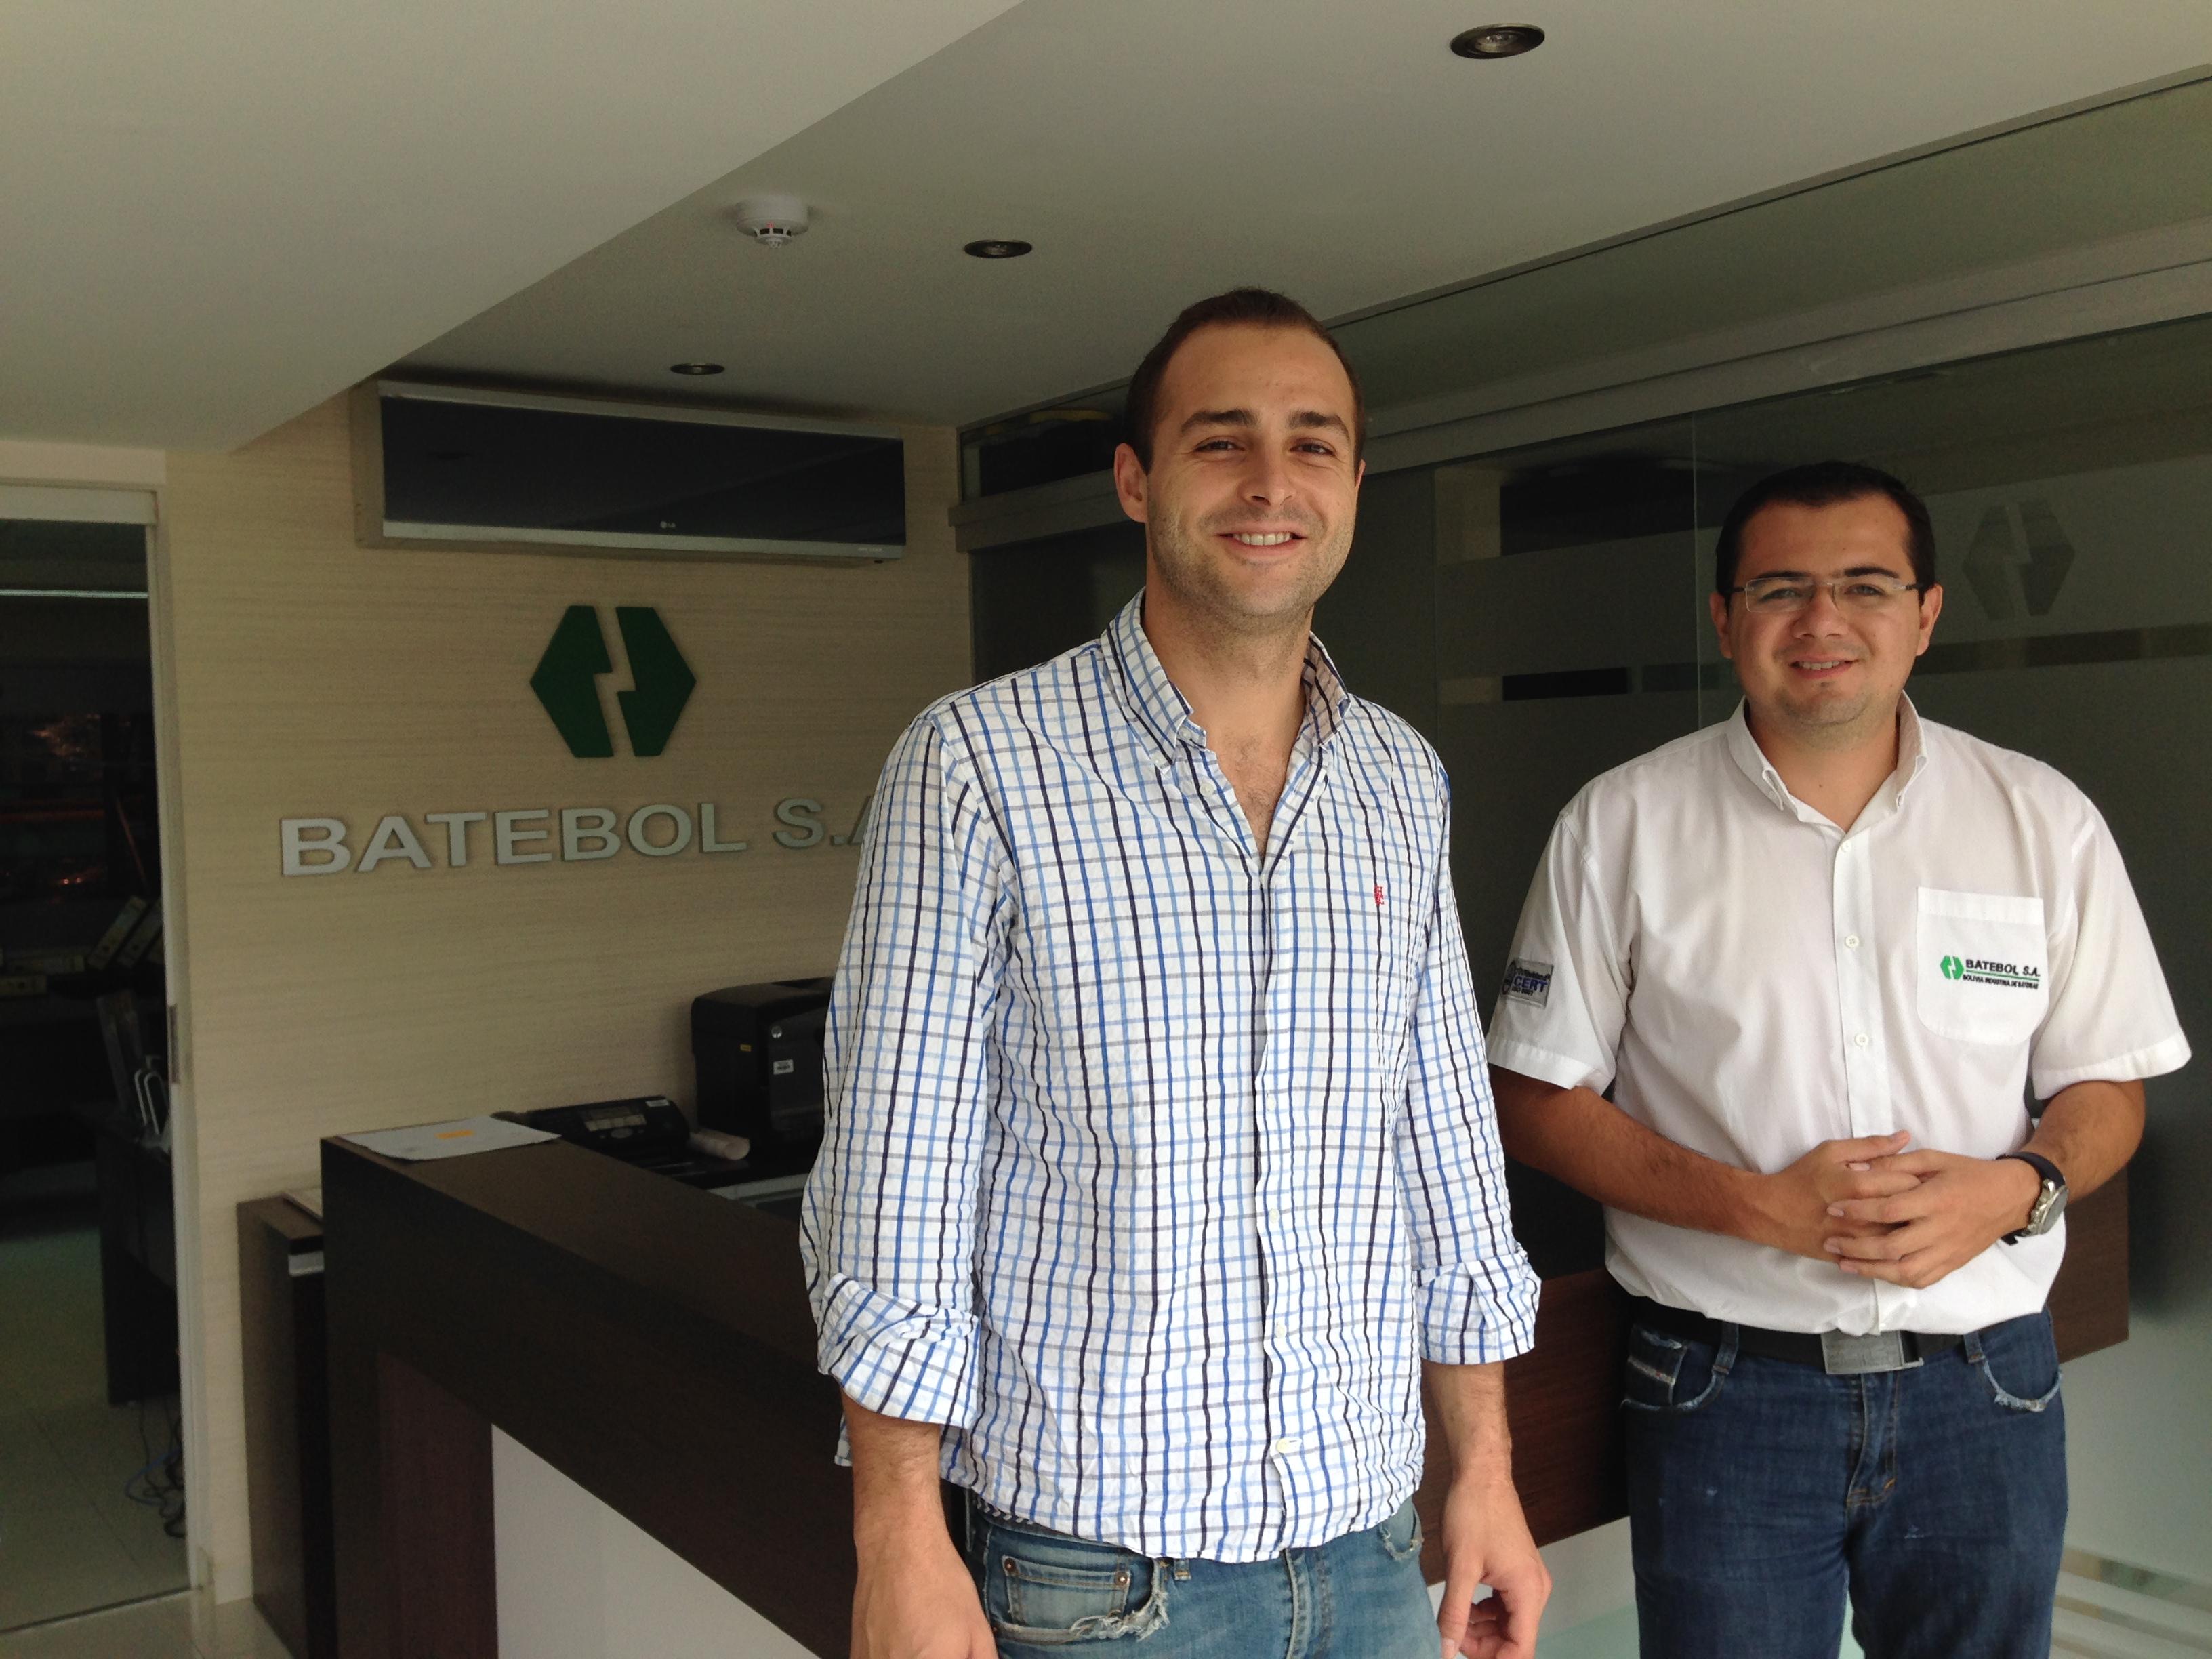 Con Marco Zárate de Batebol S.A.